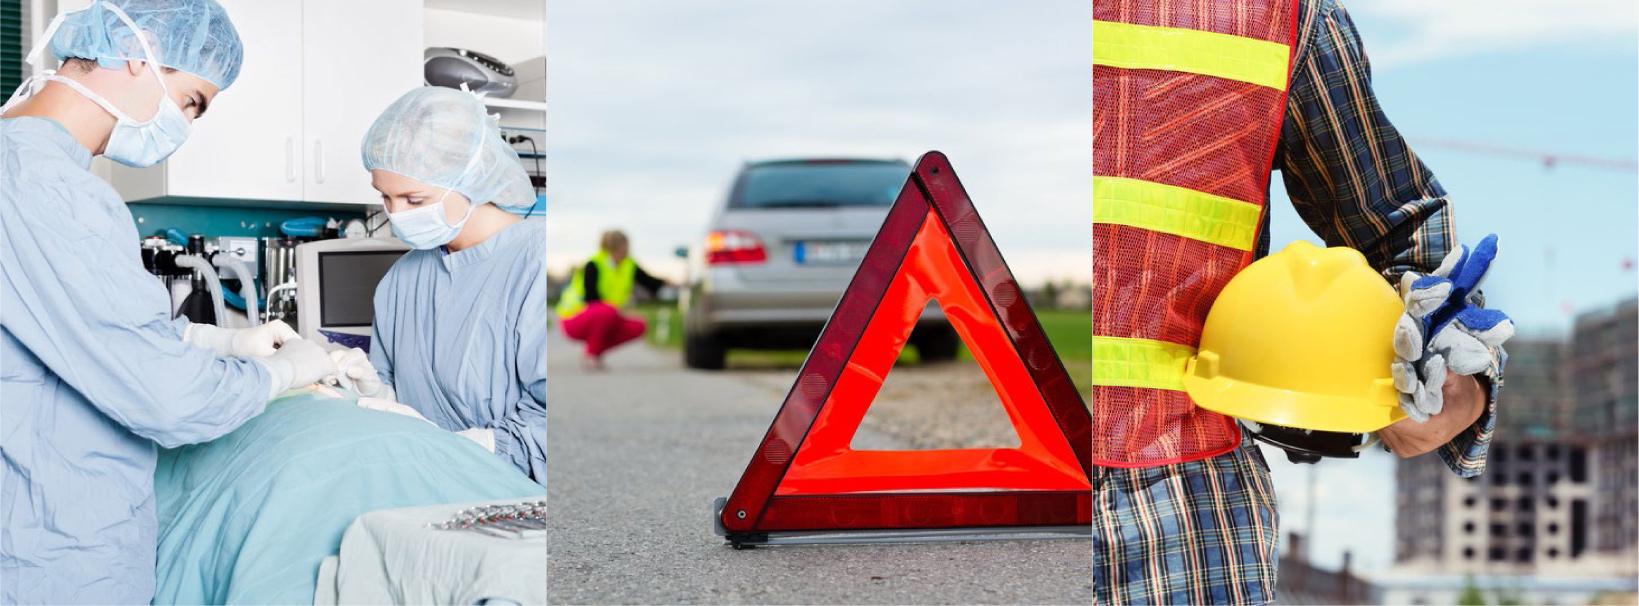 Áreas de práctica principales de Onandia Abogados Barcelona: indemnizaciones de accidentes de tráfico, incapacidades laborales y negligencia médica